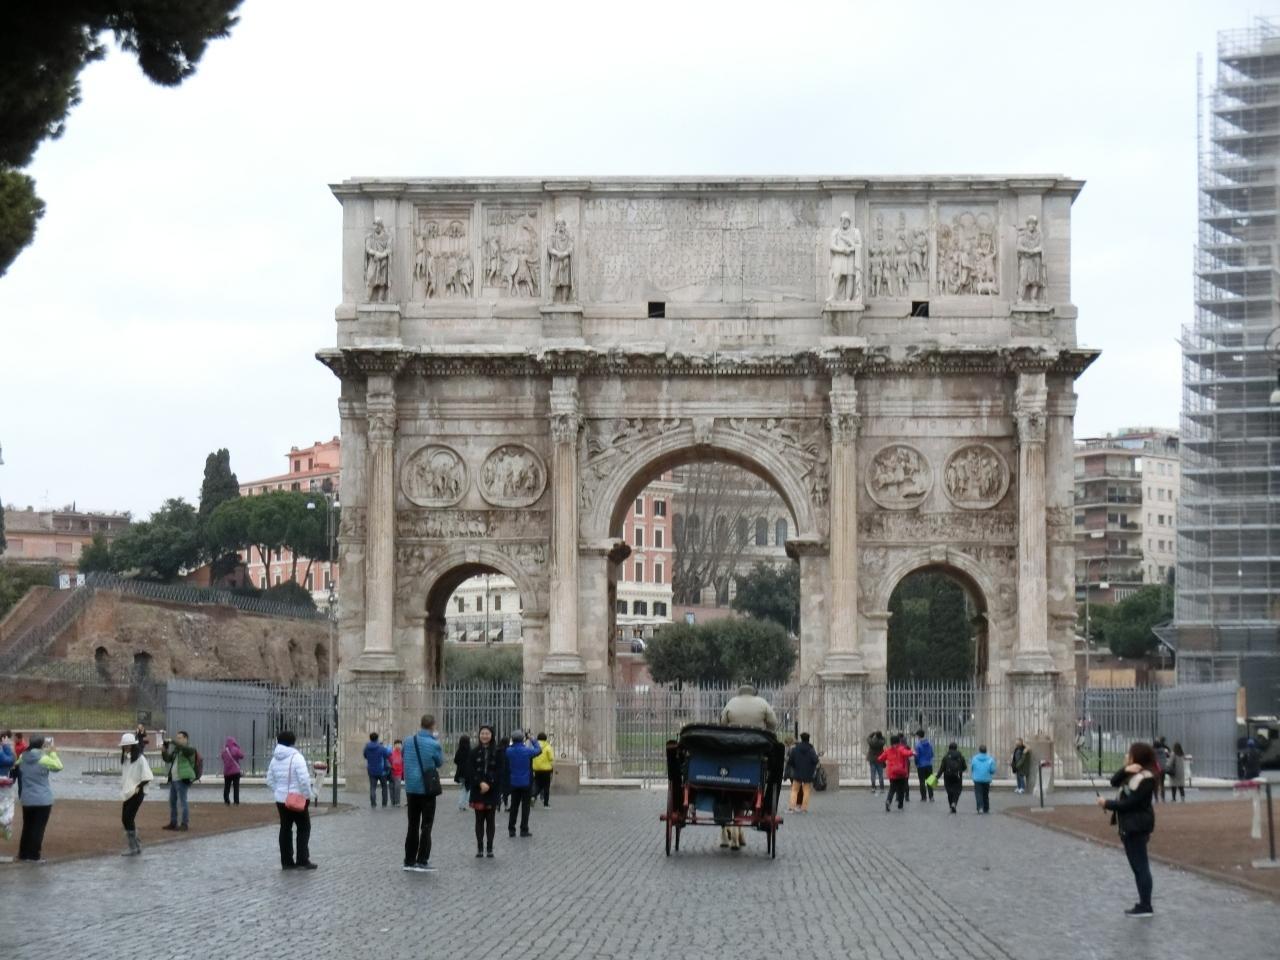 再びのイタリア、今度は親子で南イタリアへ ( 永遠の都 ローマを堪能するの巻 ① )